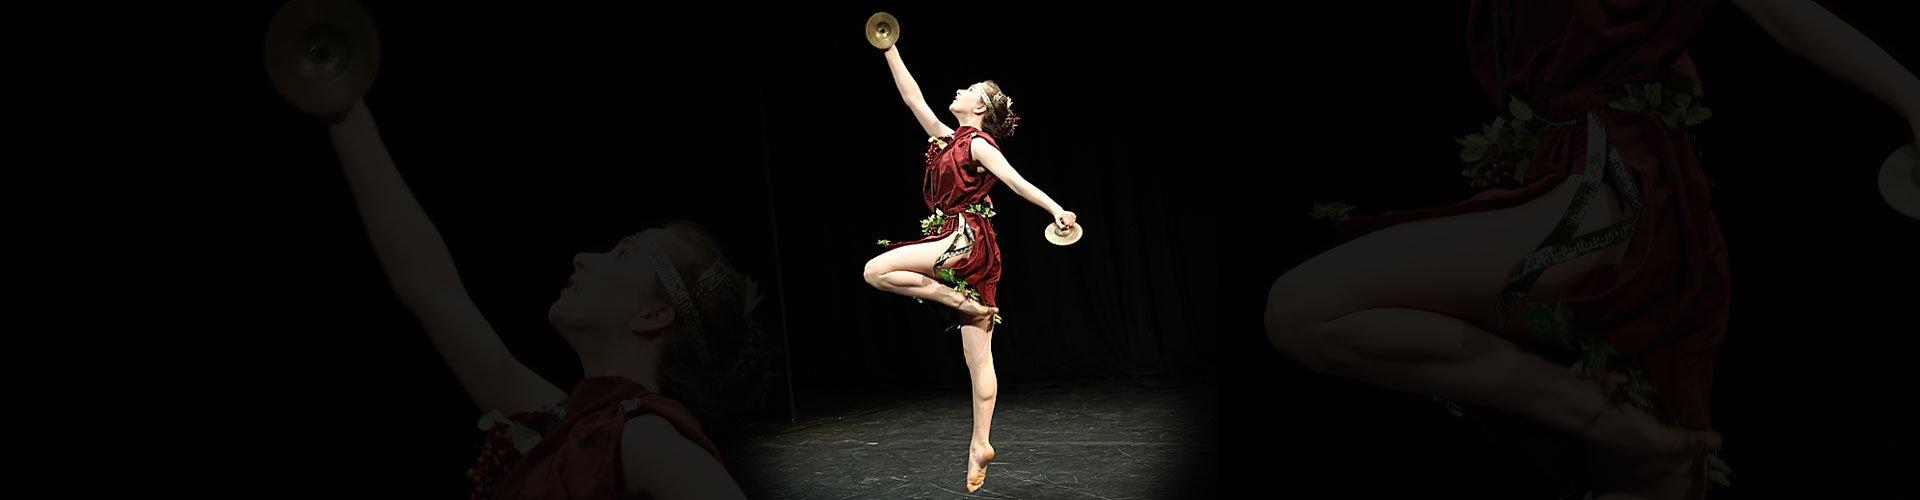 a dance move